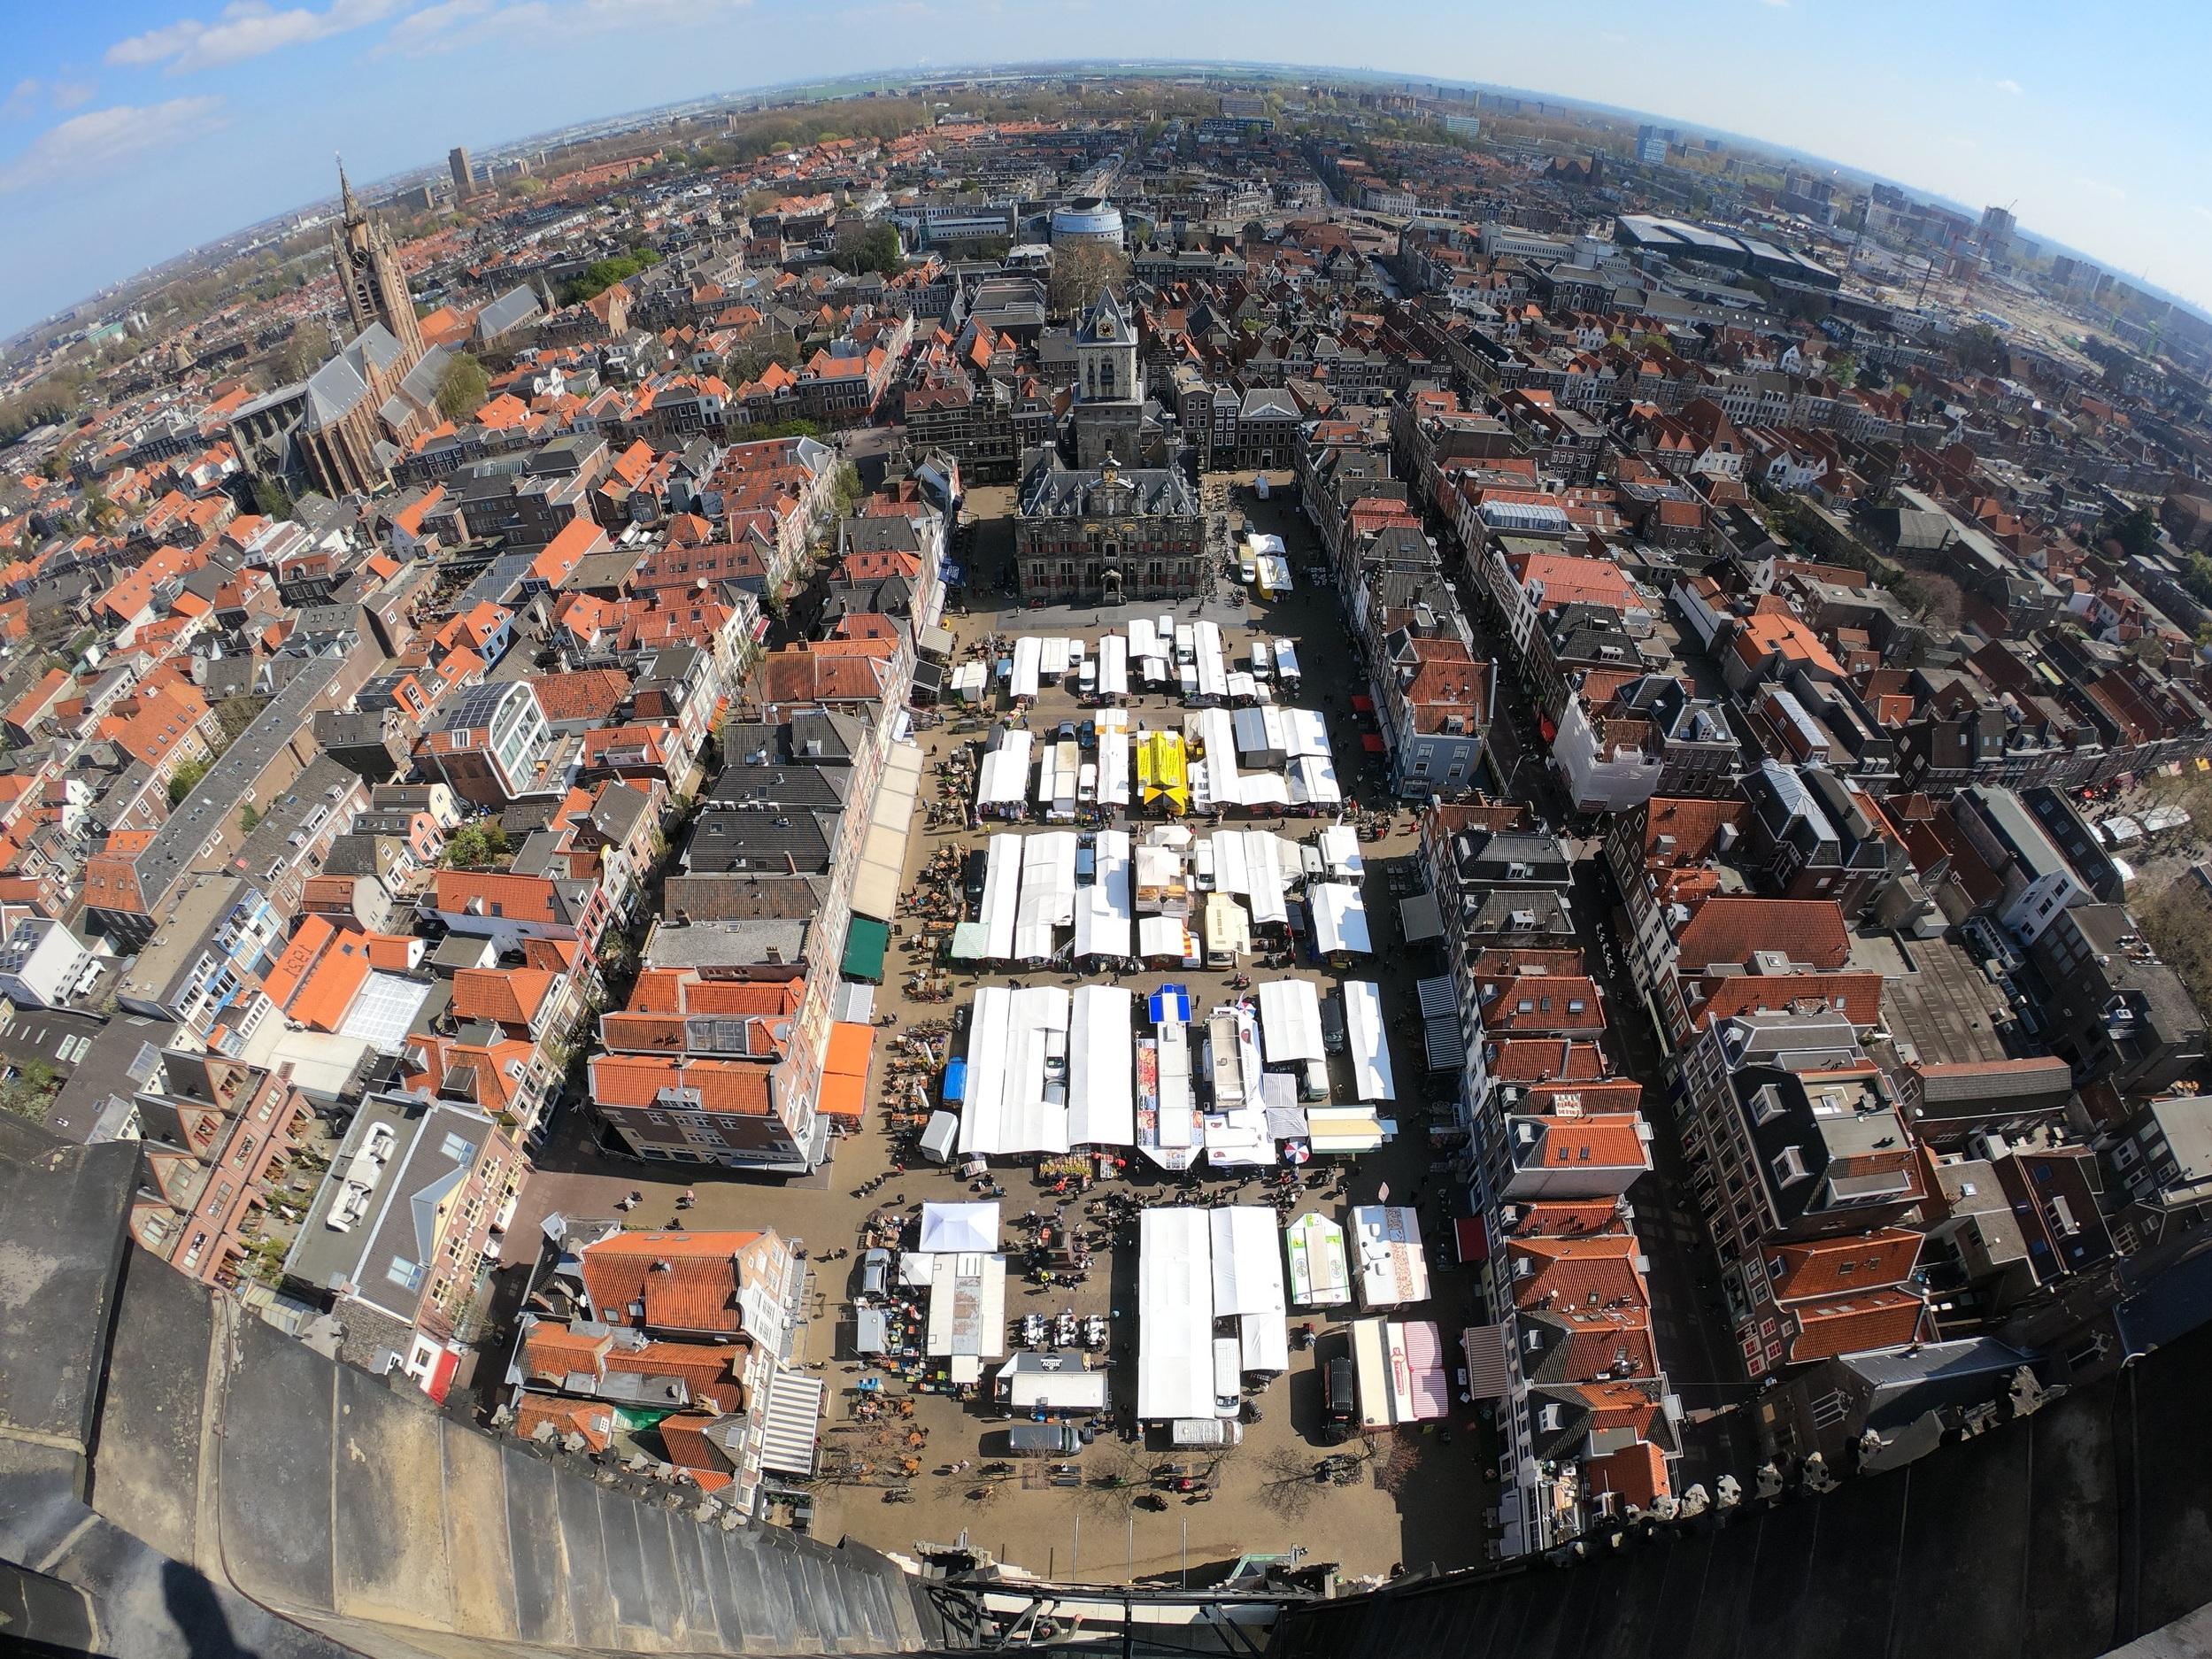 Captured on my GoPro (Hero7 Black) from the top of Niewe Kerk